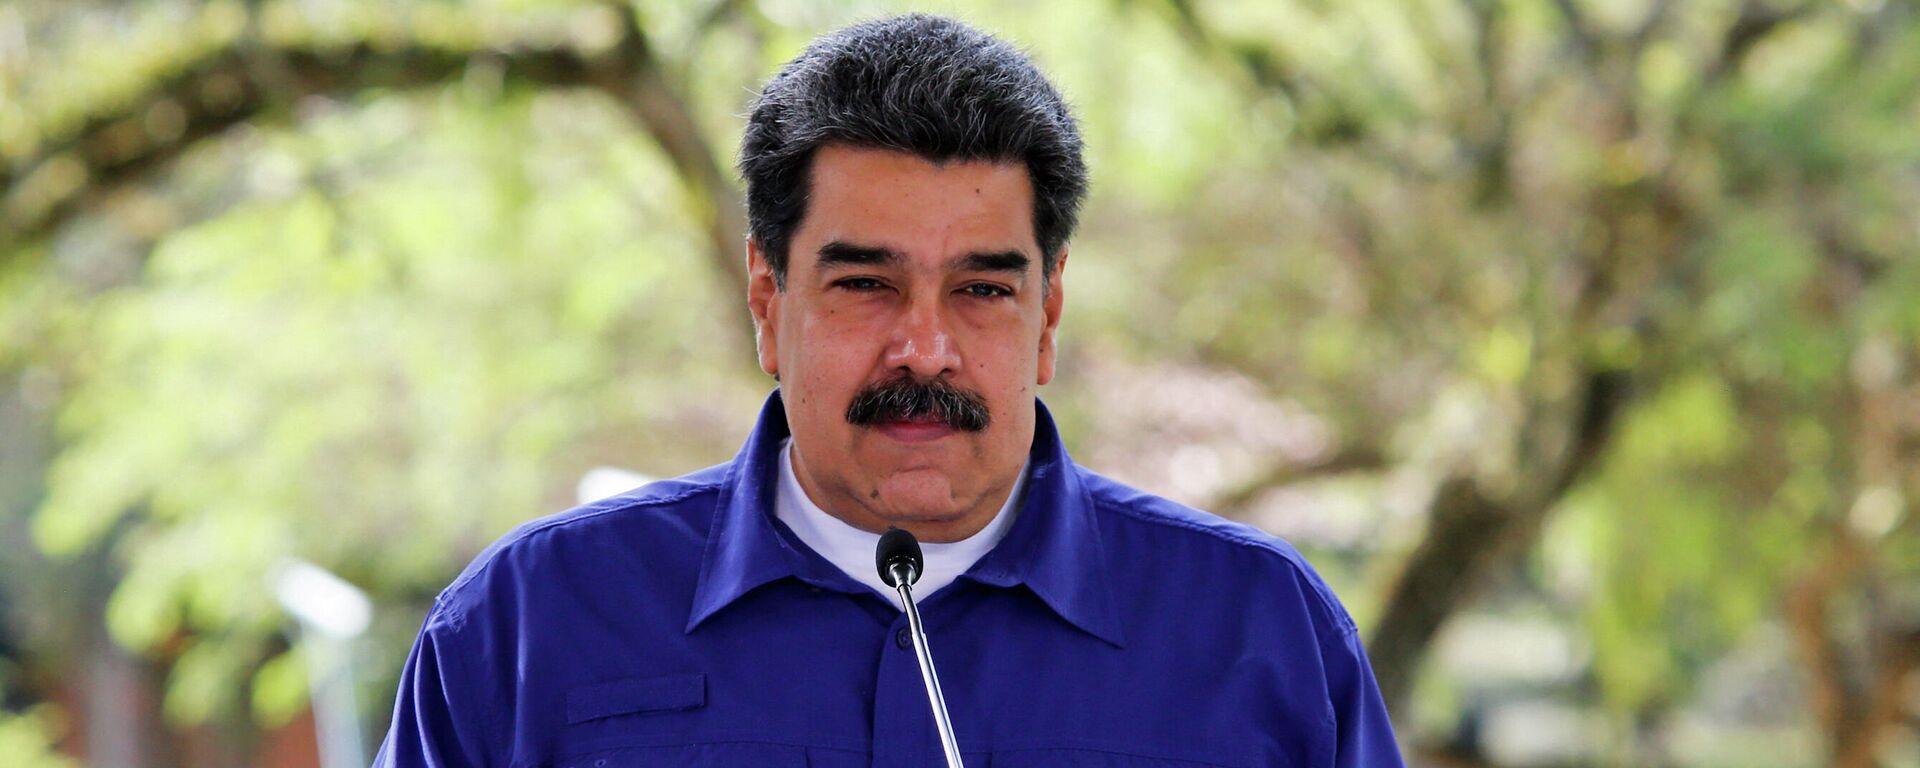 Nicolás Maduro, presidente de Venezuela - Sputnik Mundo, 1920, 18.06.2021